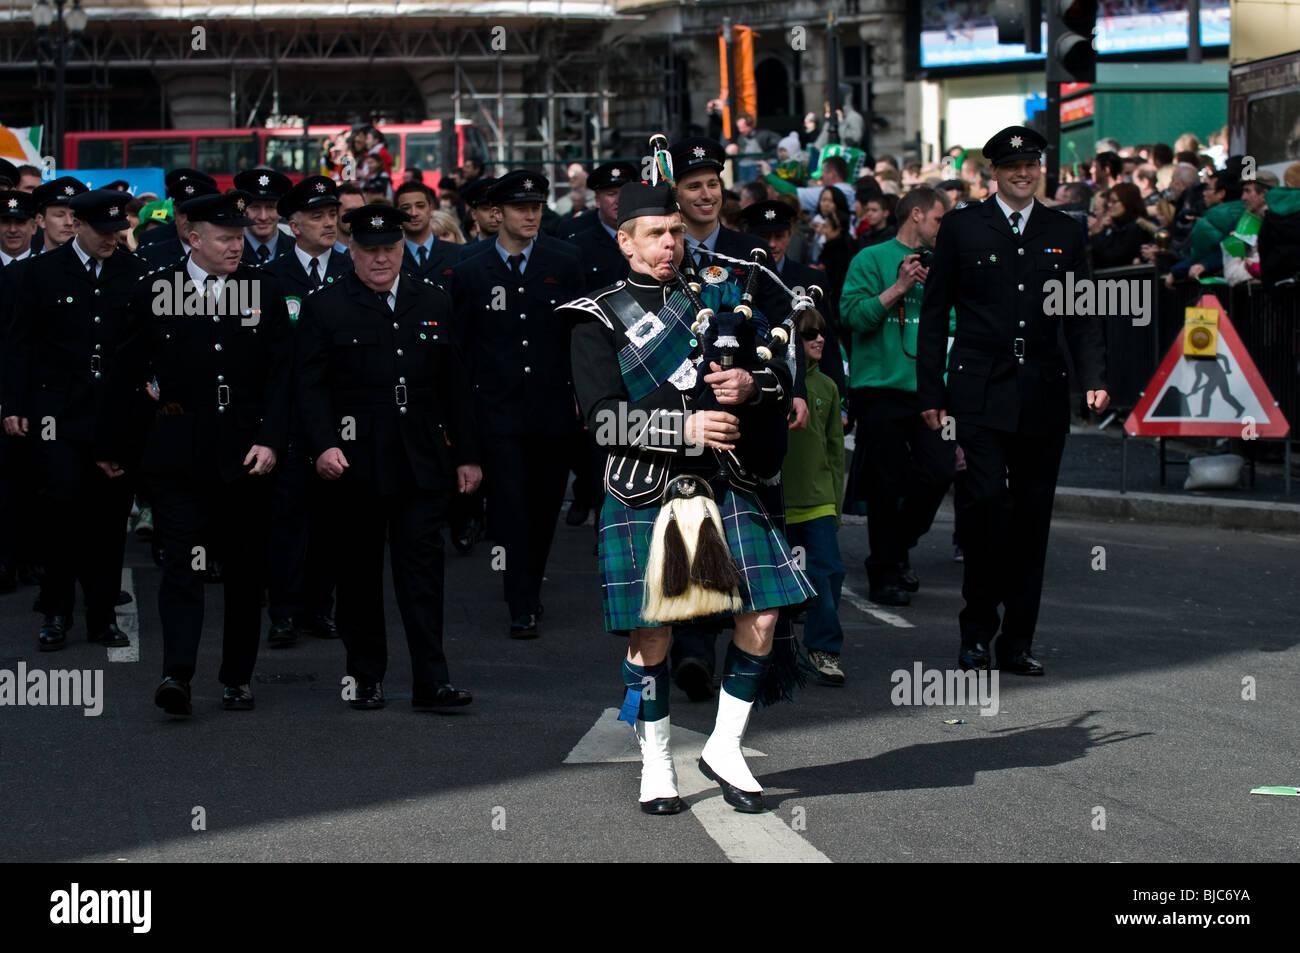 Un piper che conduce a una sfilata di vigili del fuoco durante la Festa di San Patrizio Parade di Londra. Foto Stock